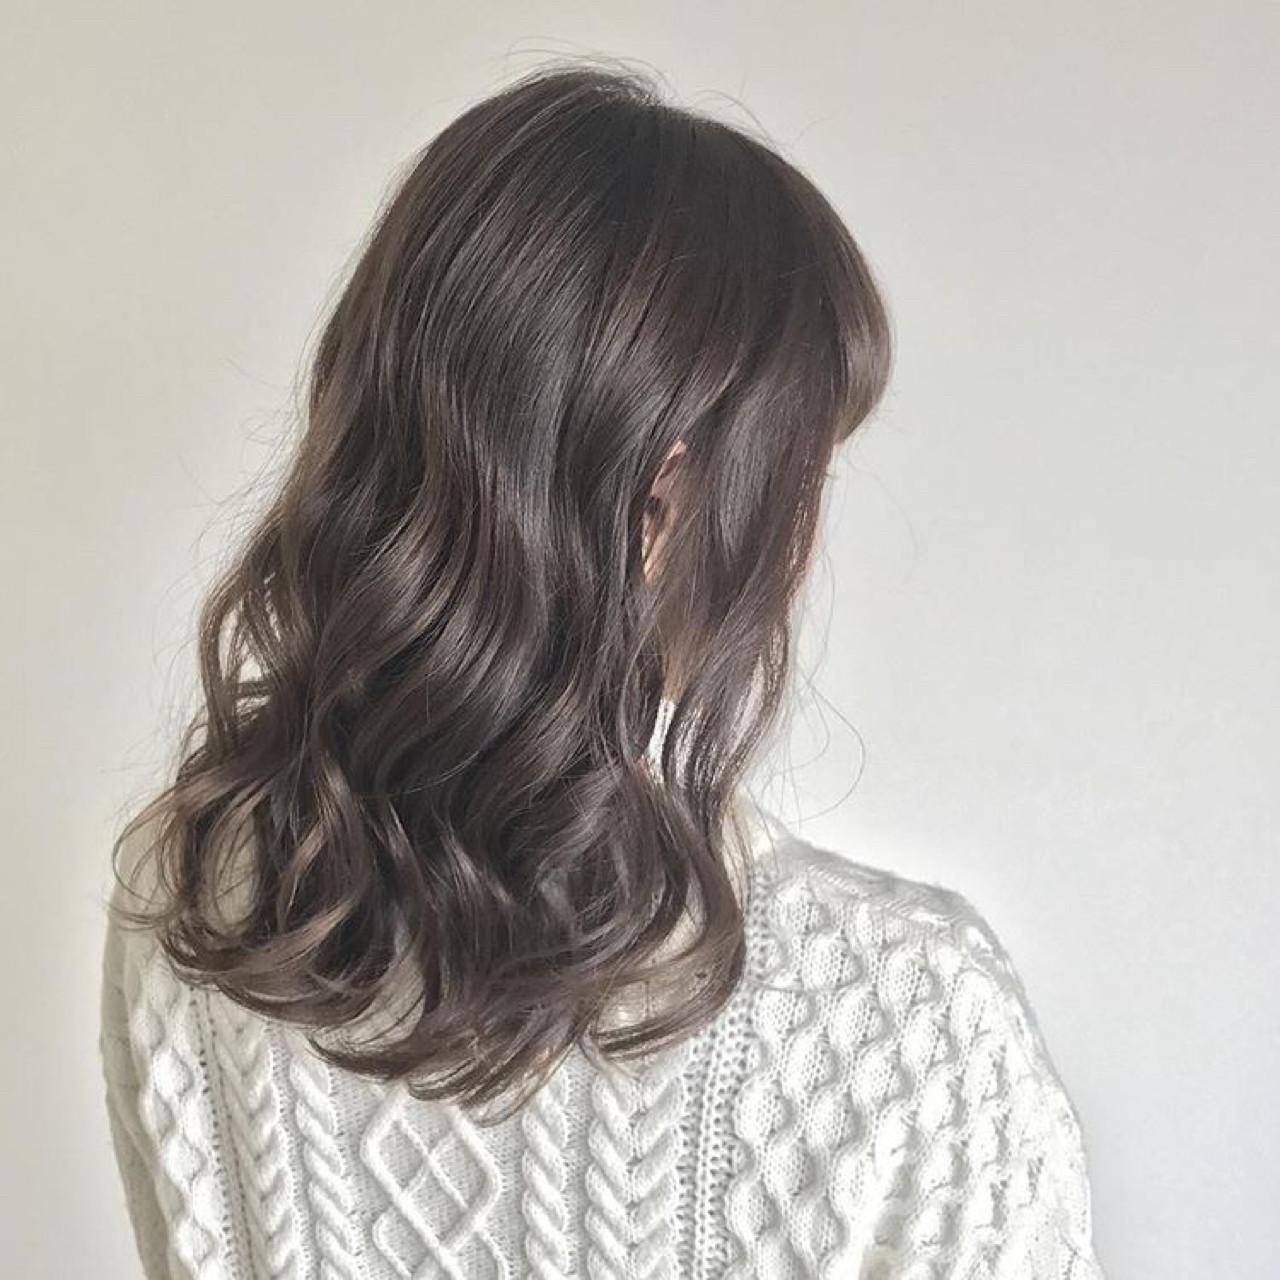 セミロング ニュアンス イルミナカラー アッシュヘアスタイルや髪型の写真・画像